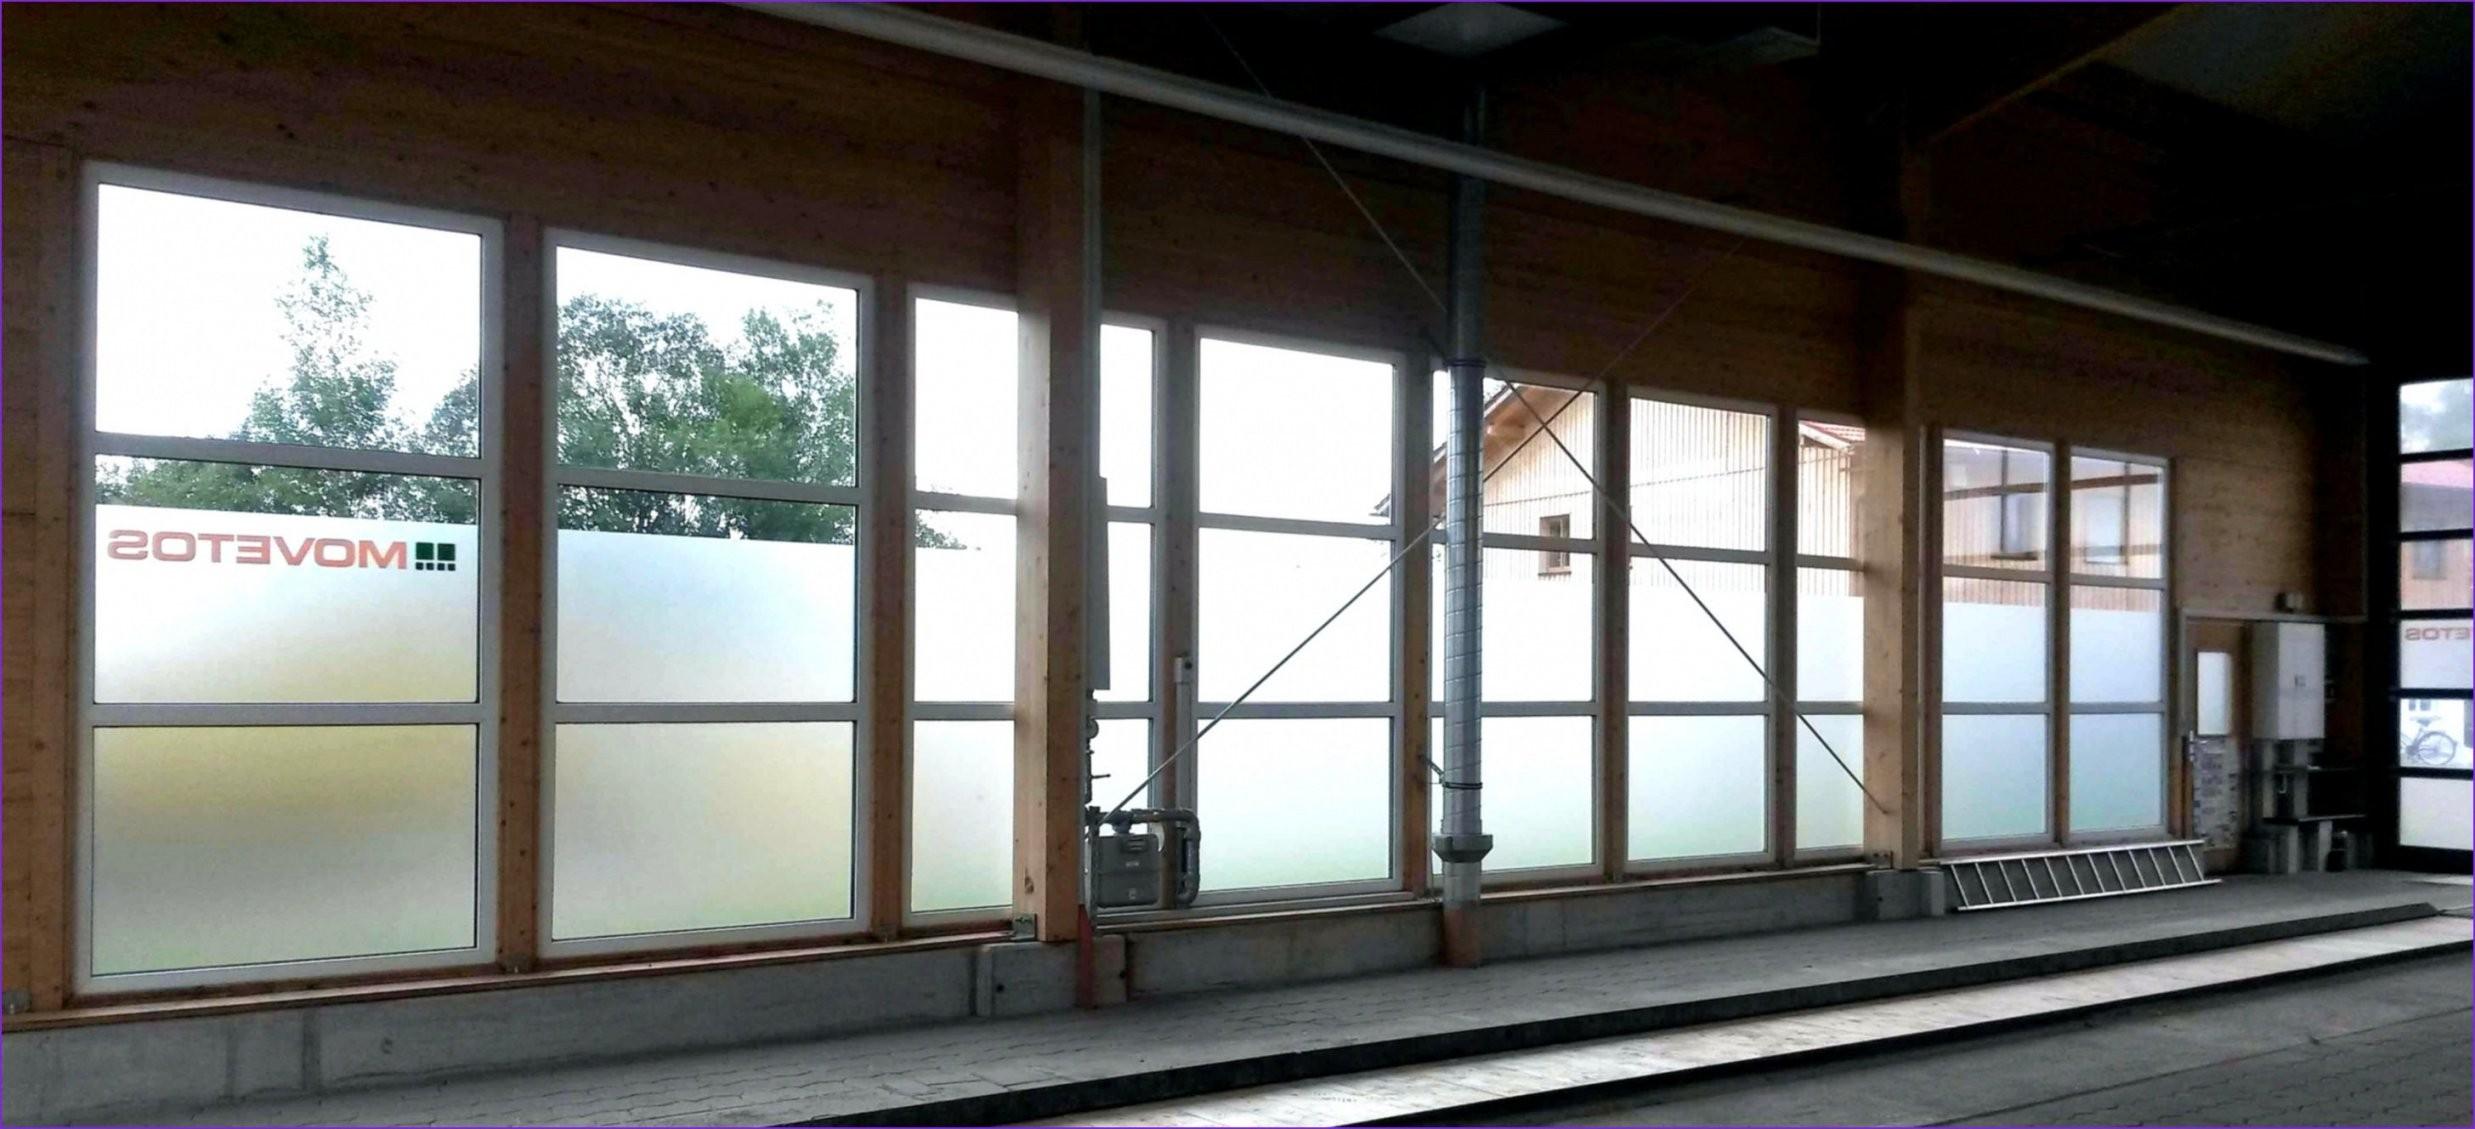 Fensterfolie Sichtschutz Einseitig  Fenster Mit Einbruchschutz von Fensterfolie Sichtschutz Einseitig Bild